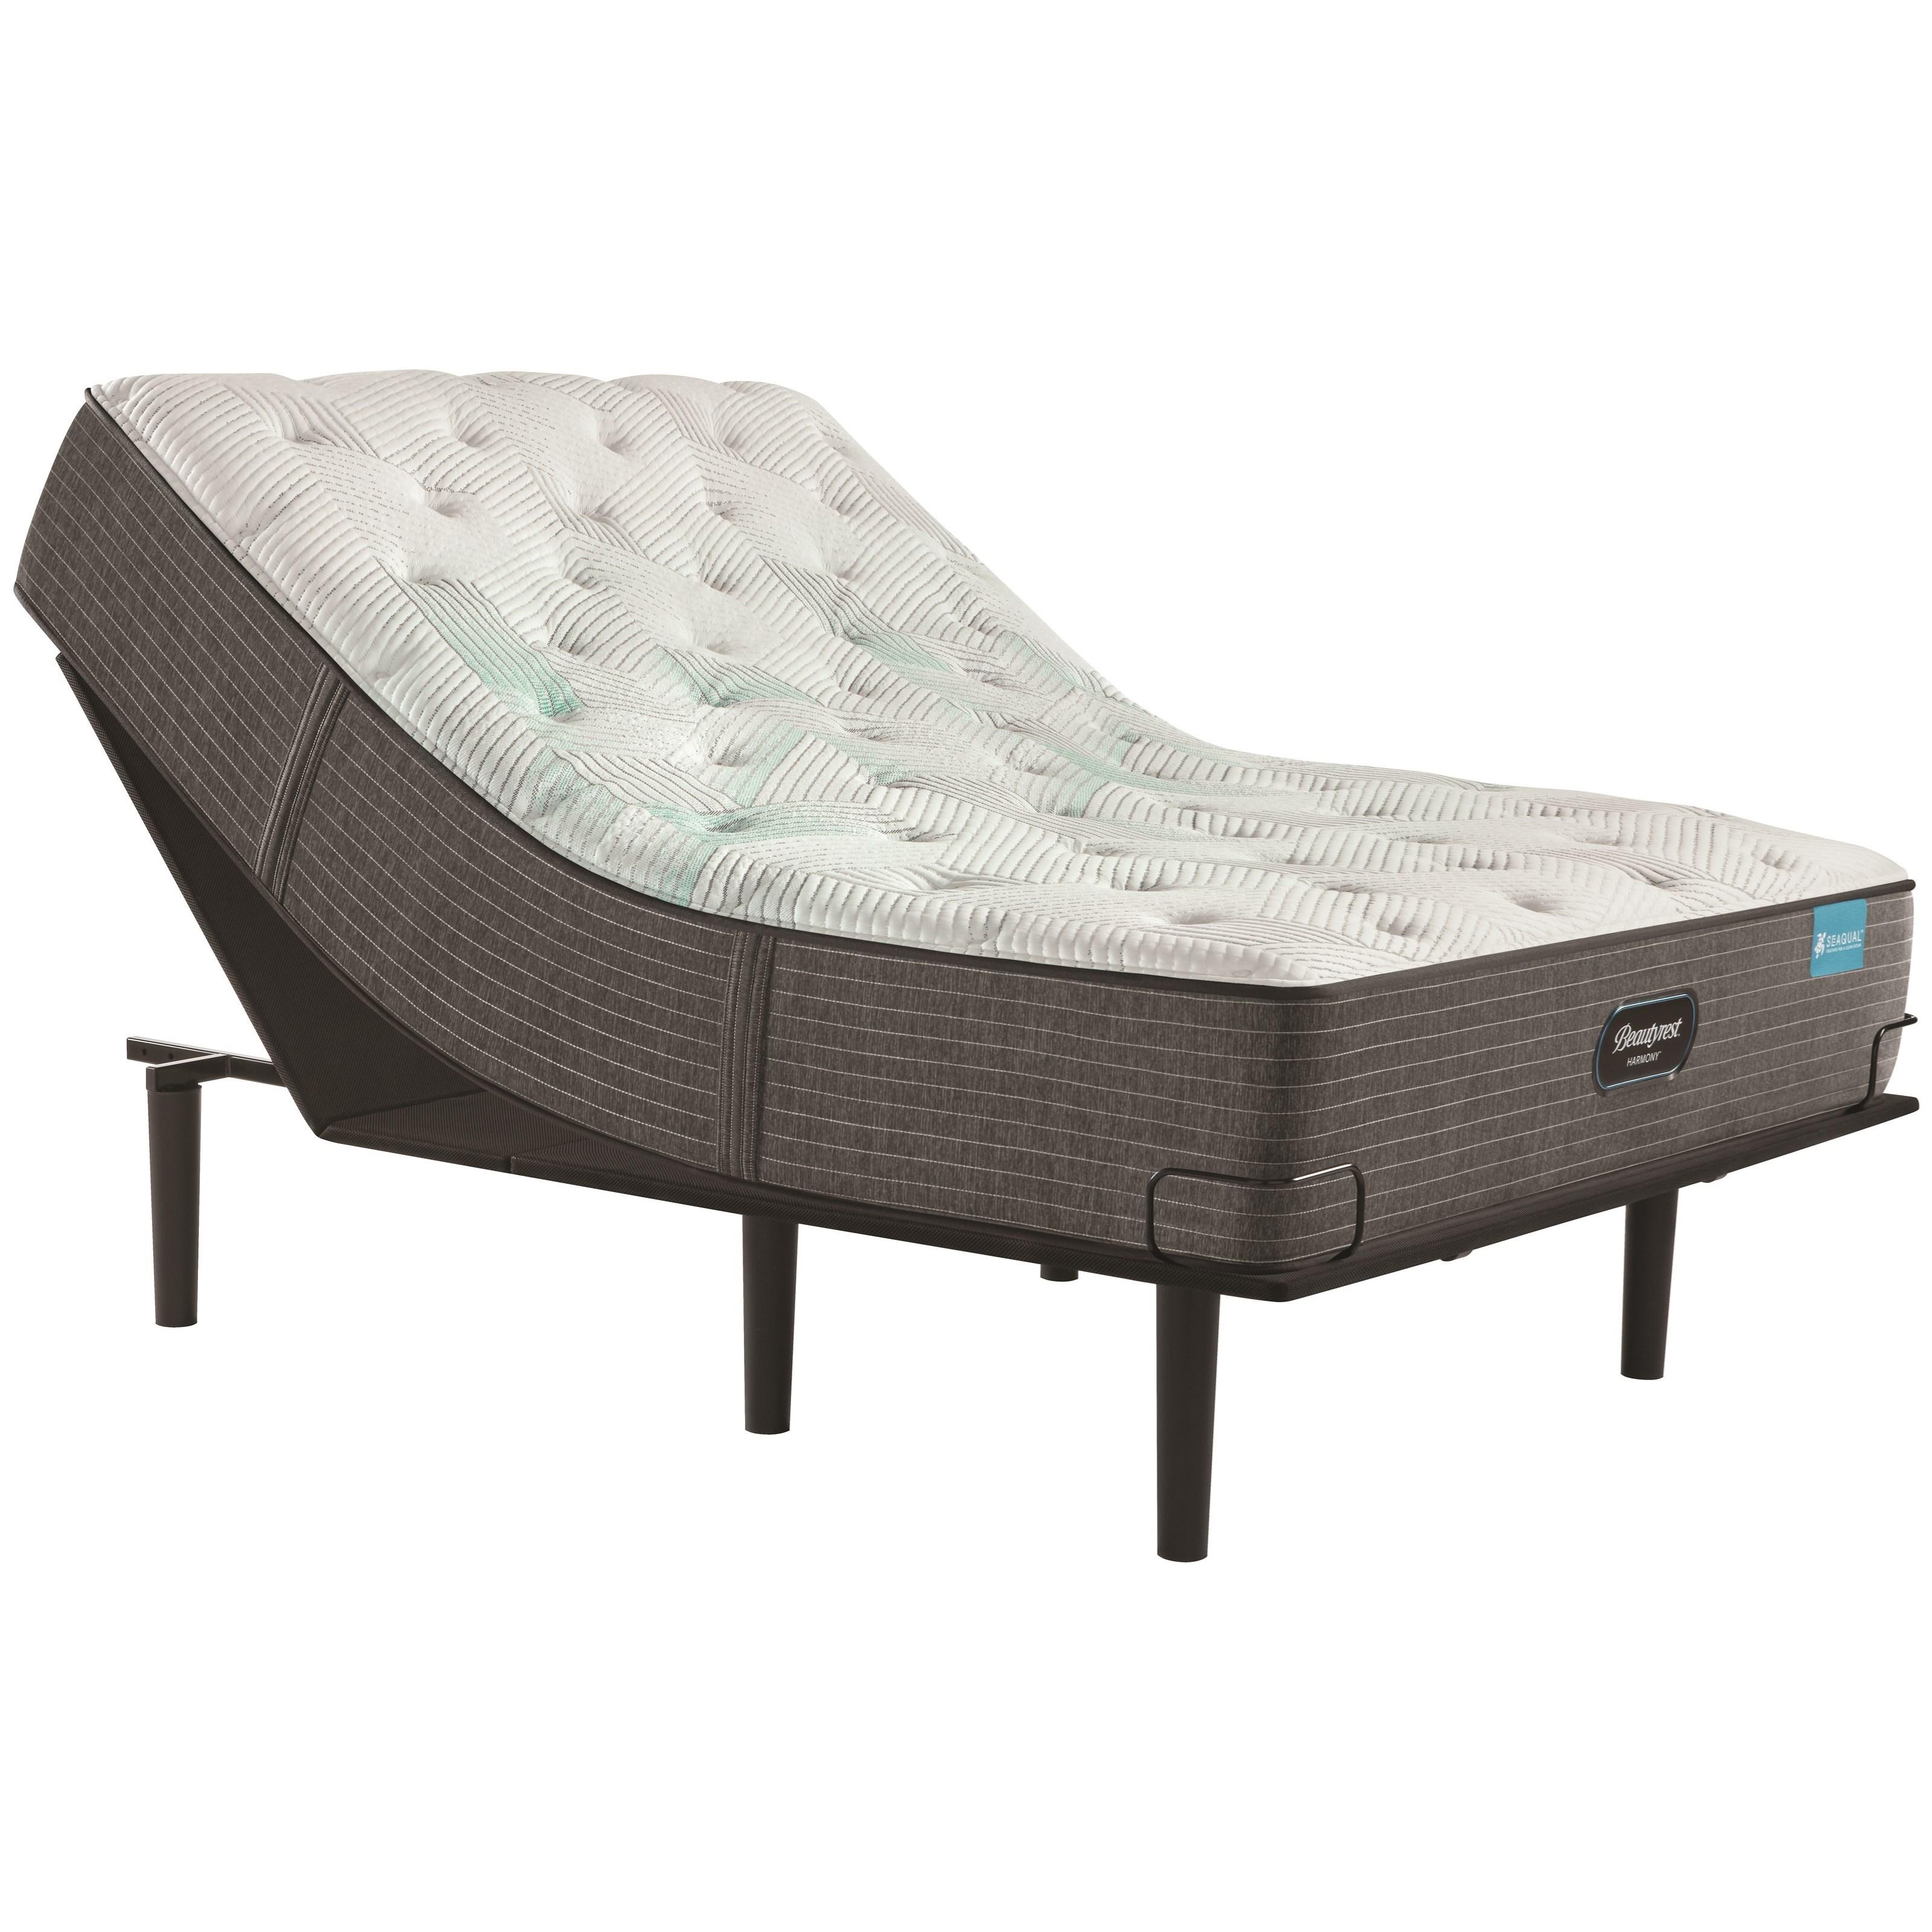 """Cayman Series Medium TT Twin XL 13 1/2"""" Medium Adjustable Set by Beautyrest at Becker Furniture"""